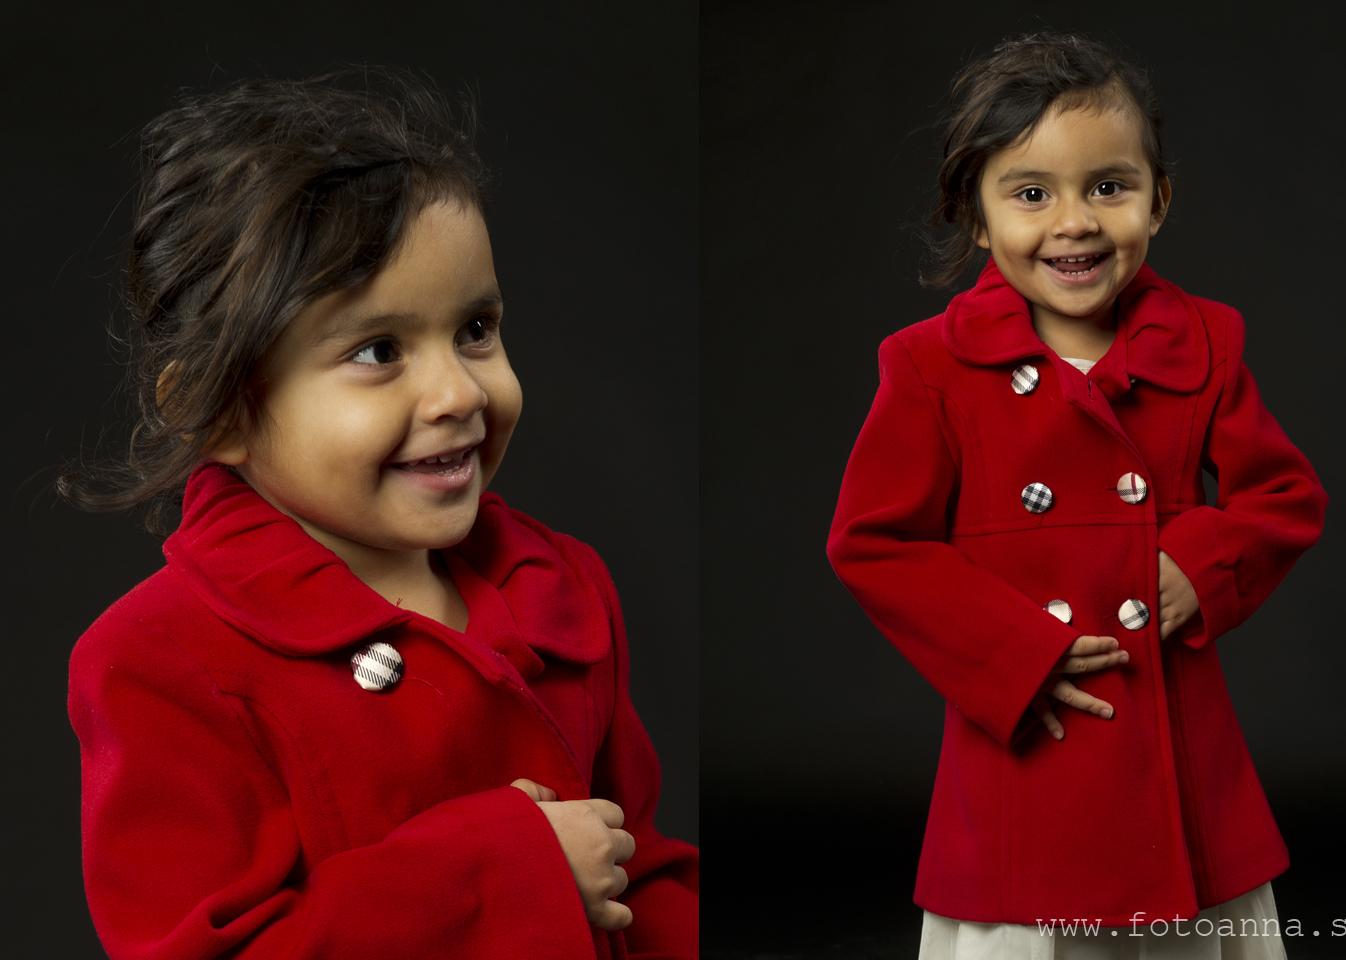 barnfotografering fotograf trosa Nyköping Gnesta